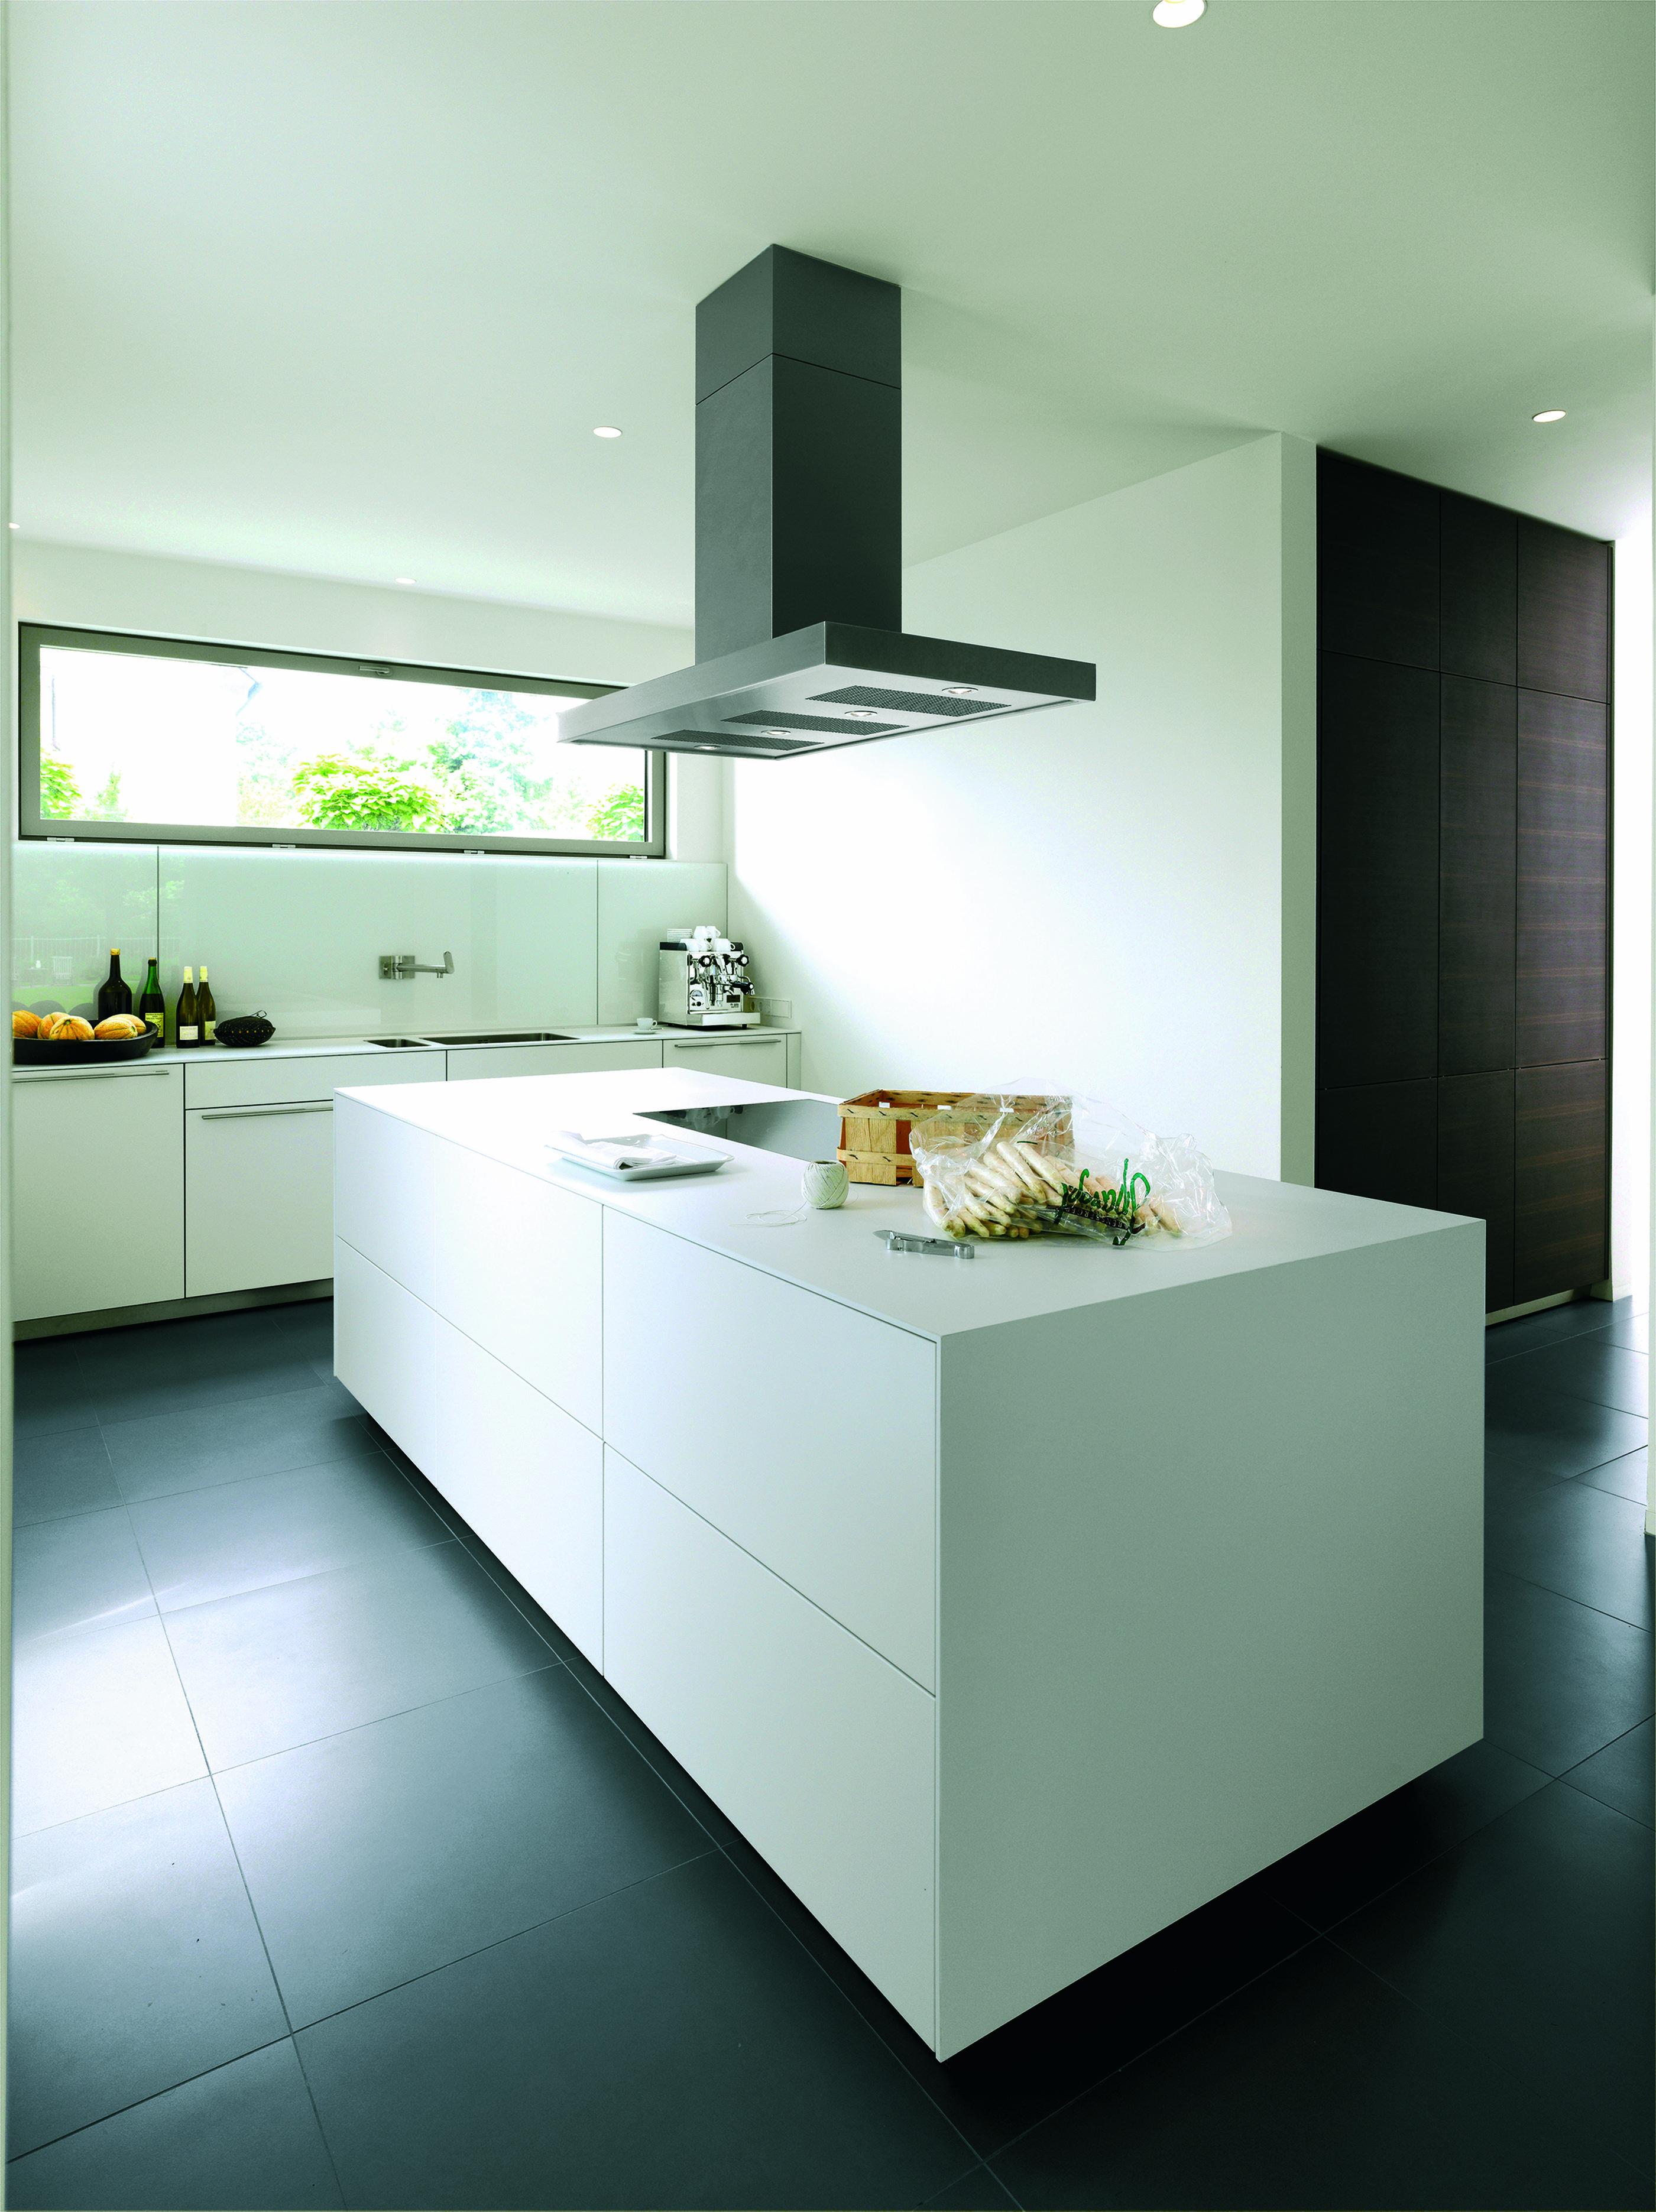 Bulthaup B3 Keuken Een Bulthaup Monoblock In Wit Laminaat Met Wangen In Speciale Maten Voor Een Blok Lan Keuken Ontwerp Keukens Keuken Hedendaags